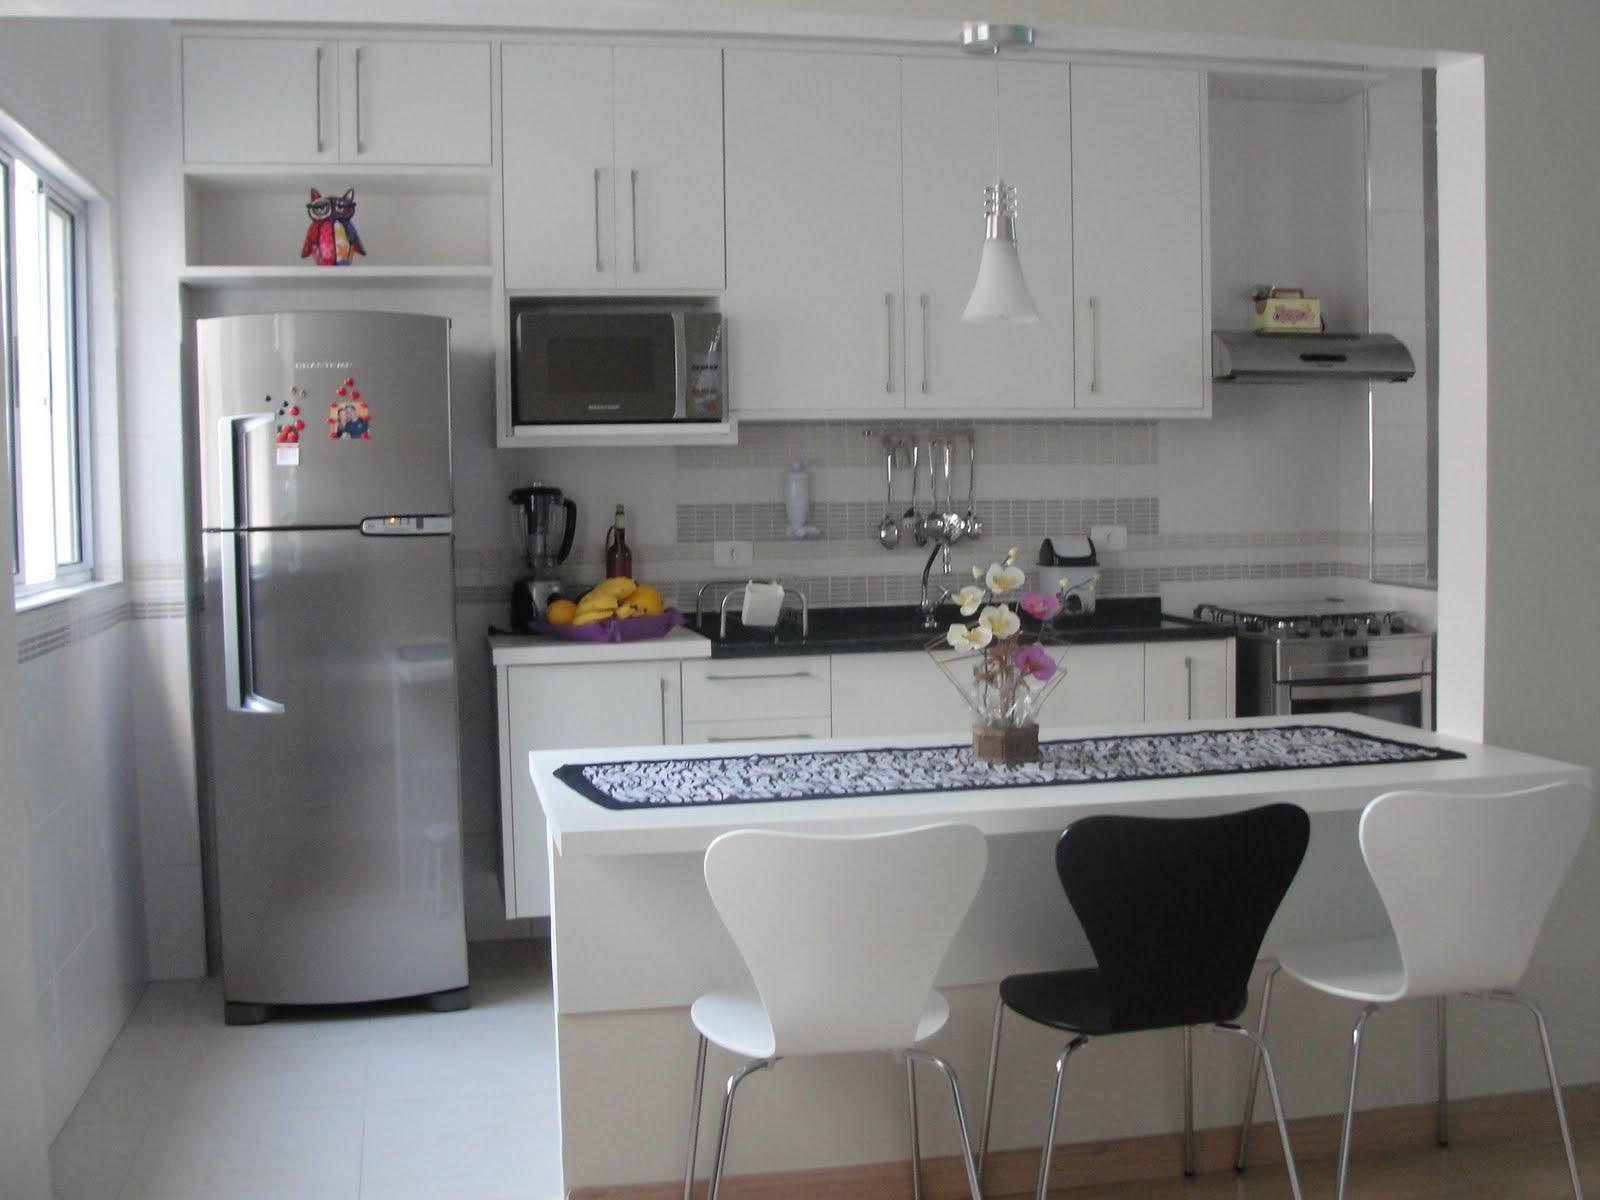 Juntando as escovas: A nossa (linda) cozinha: Antes durante e depois #5F4A42 1600 1200